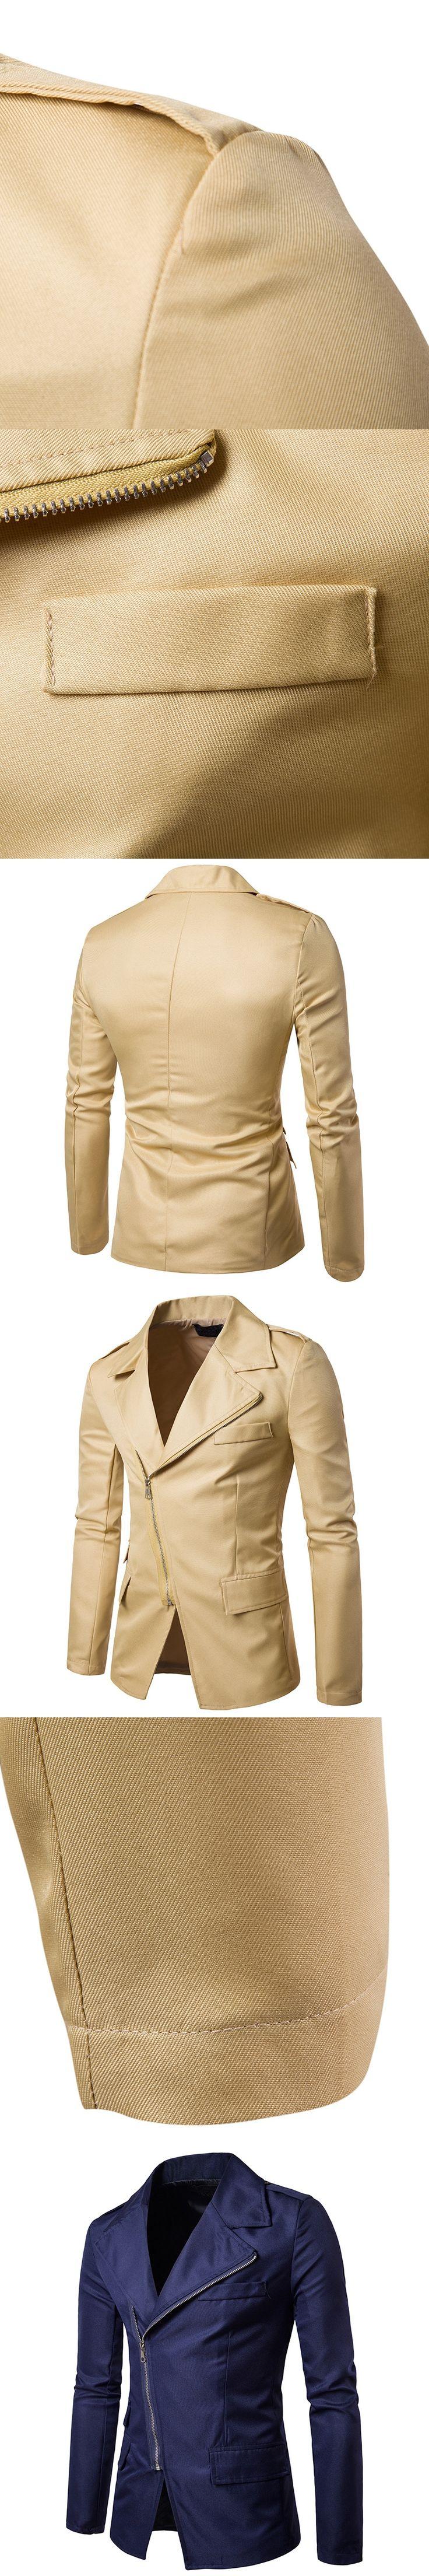 Men Zipper Blazer 2017 Fashion Men Slim Fit Suit Luxury Men Blazer New Spring Autumn Brand High Quality Costume Homme